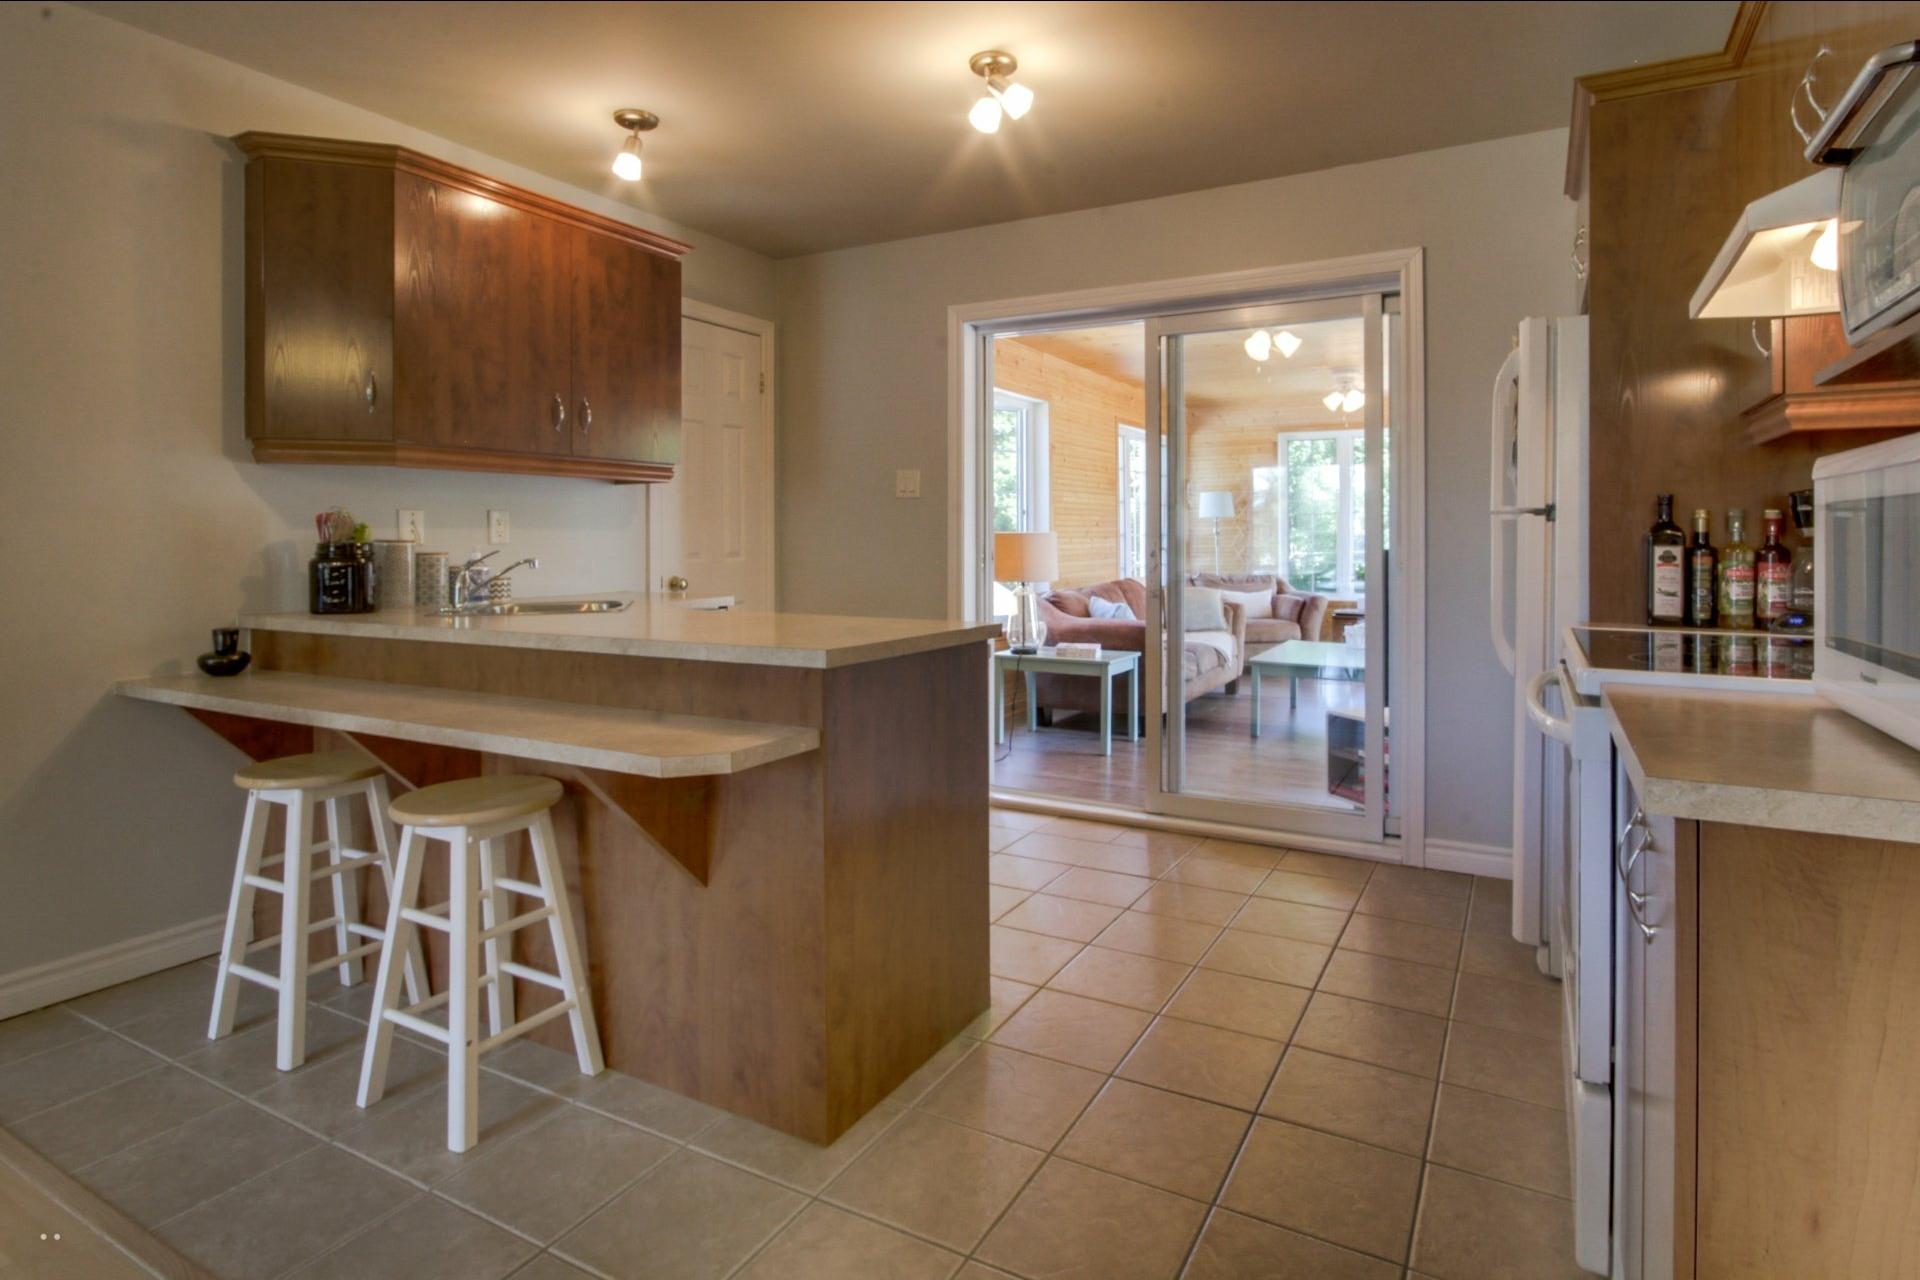 image 30 - Maison À vendre Trois-Rivières